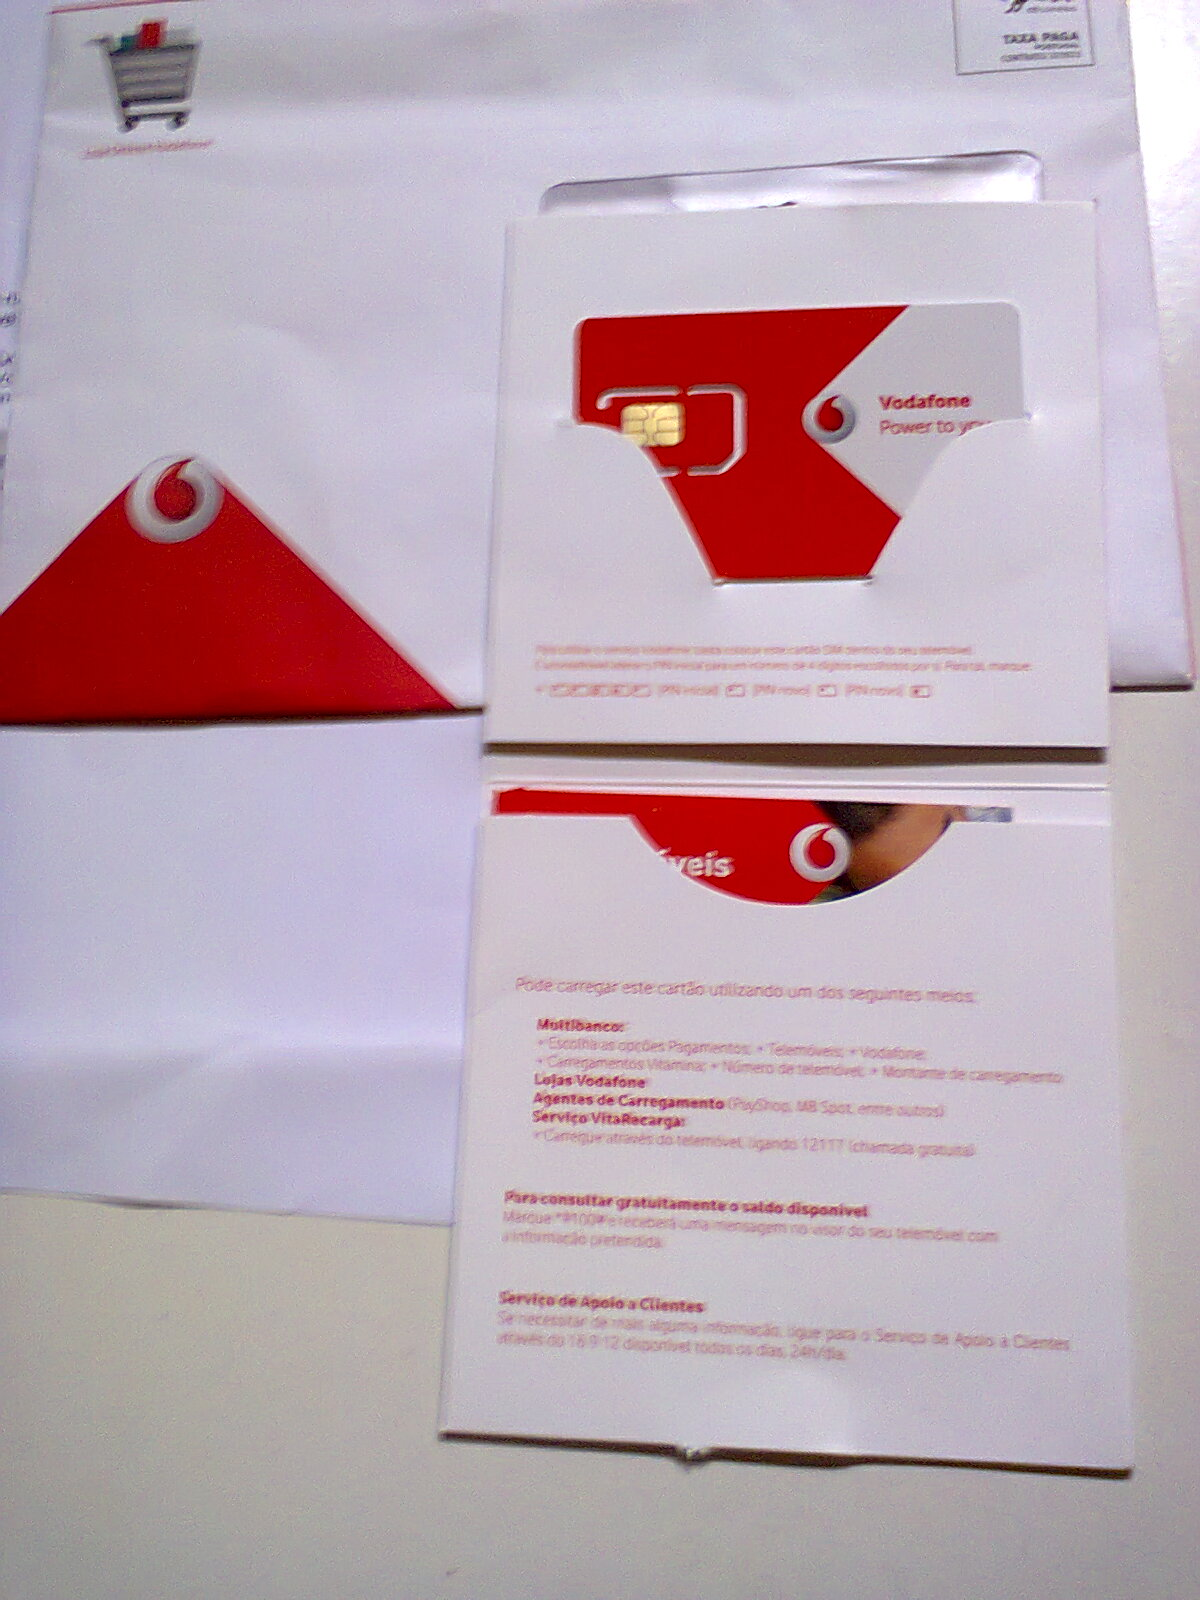 Amostras Vodafone - Cartão Extreme Sem mensalidade [Recebido] F39f6a